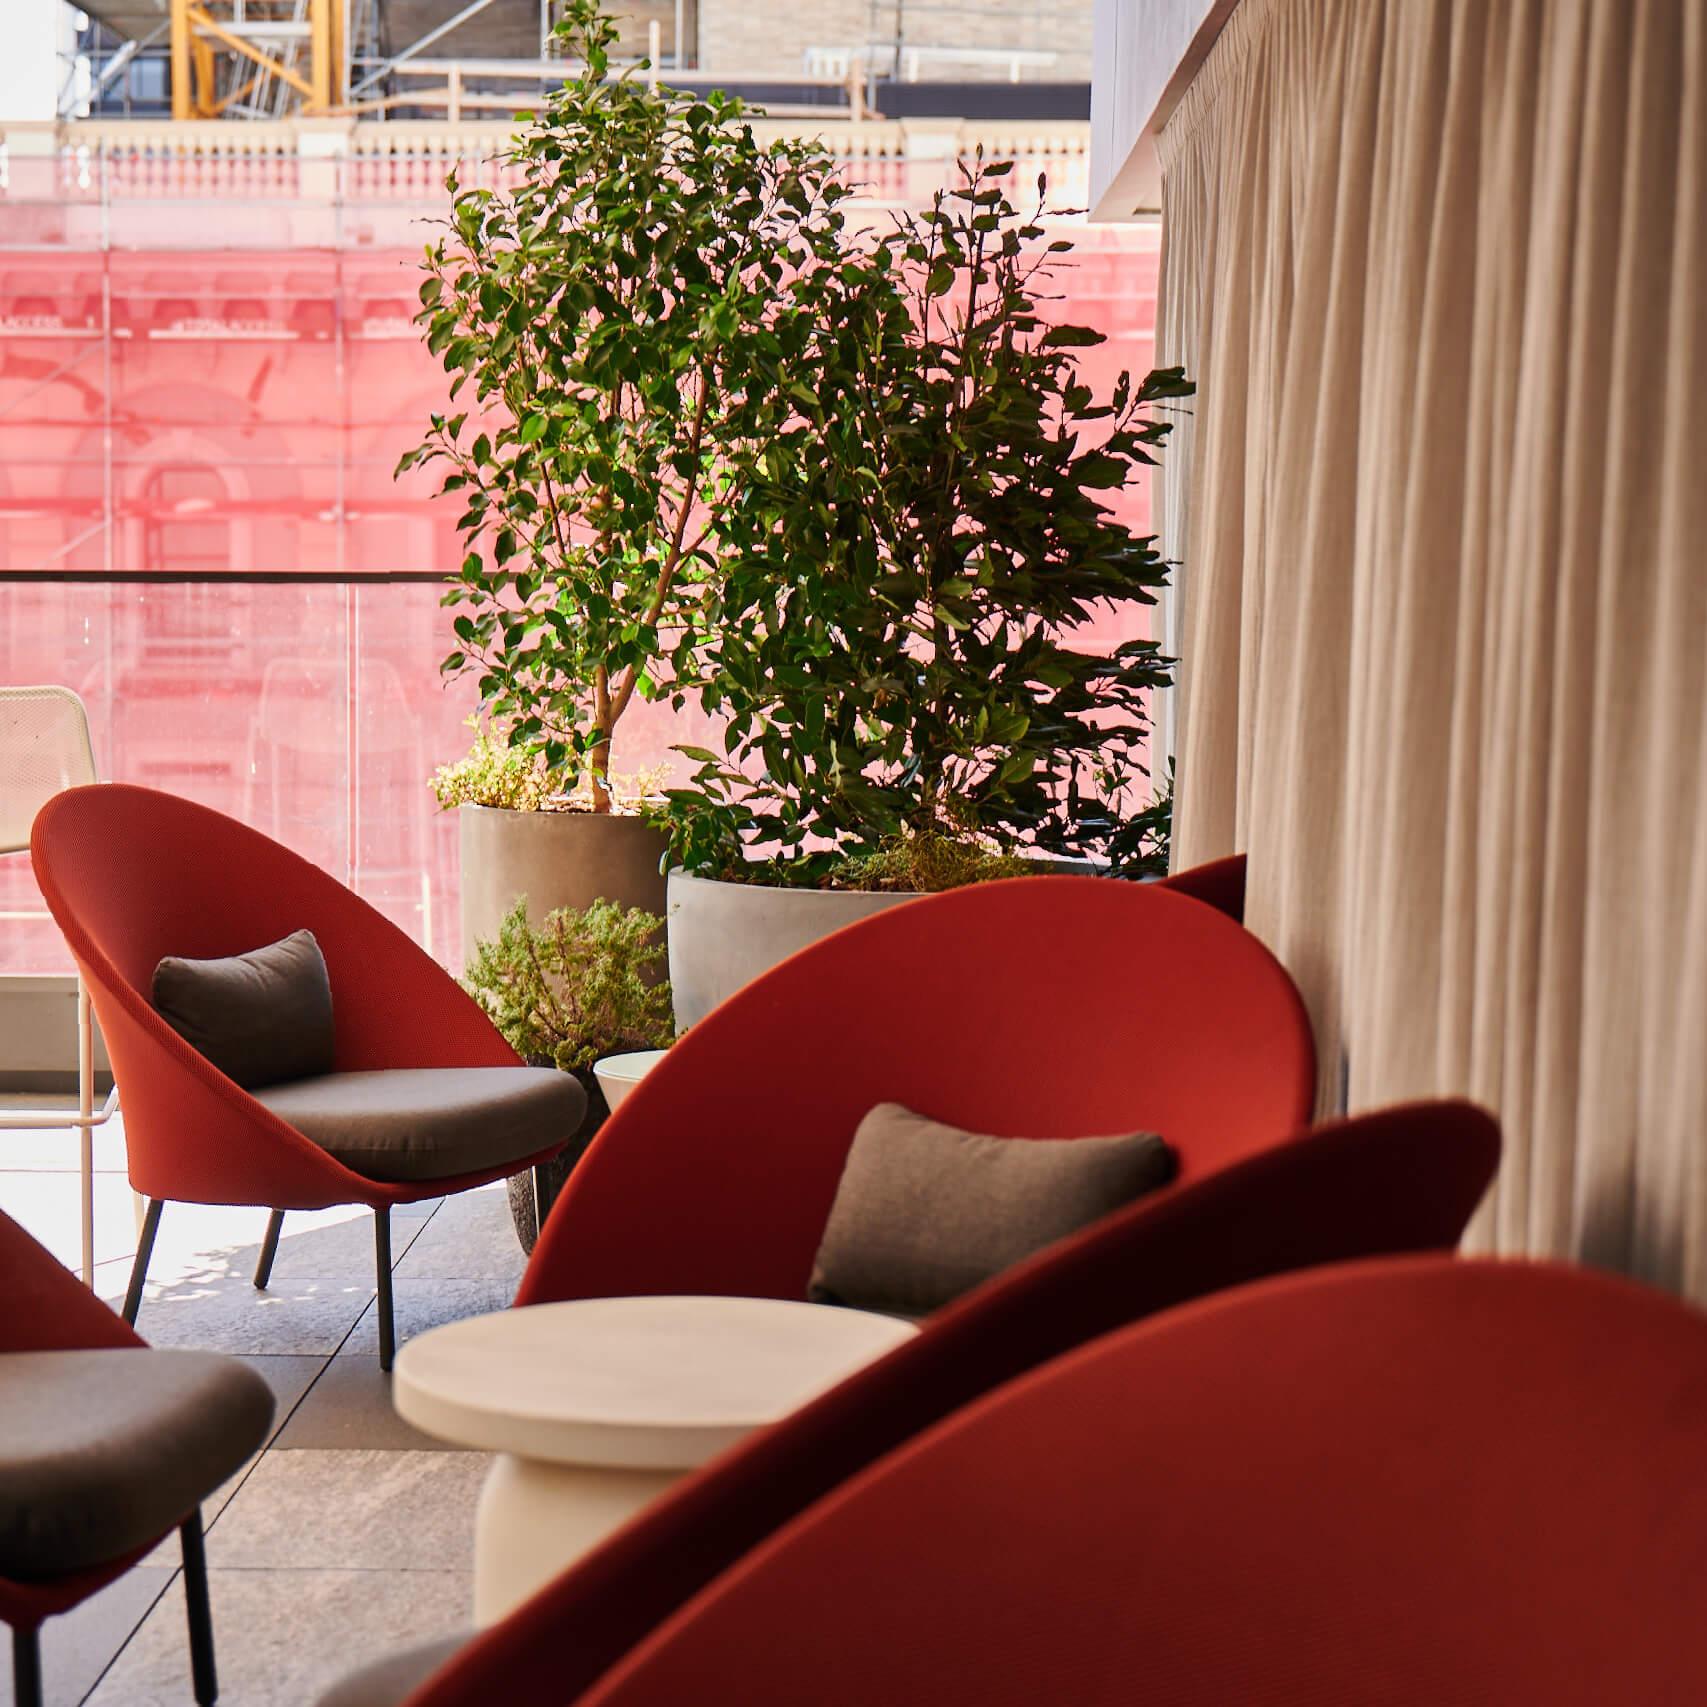 portfolio-hotels-and-apartments-sohotel-image9